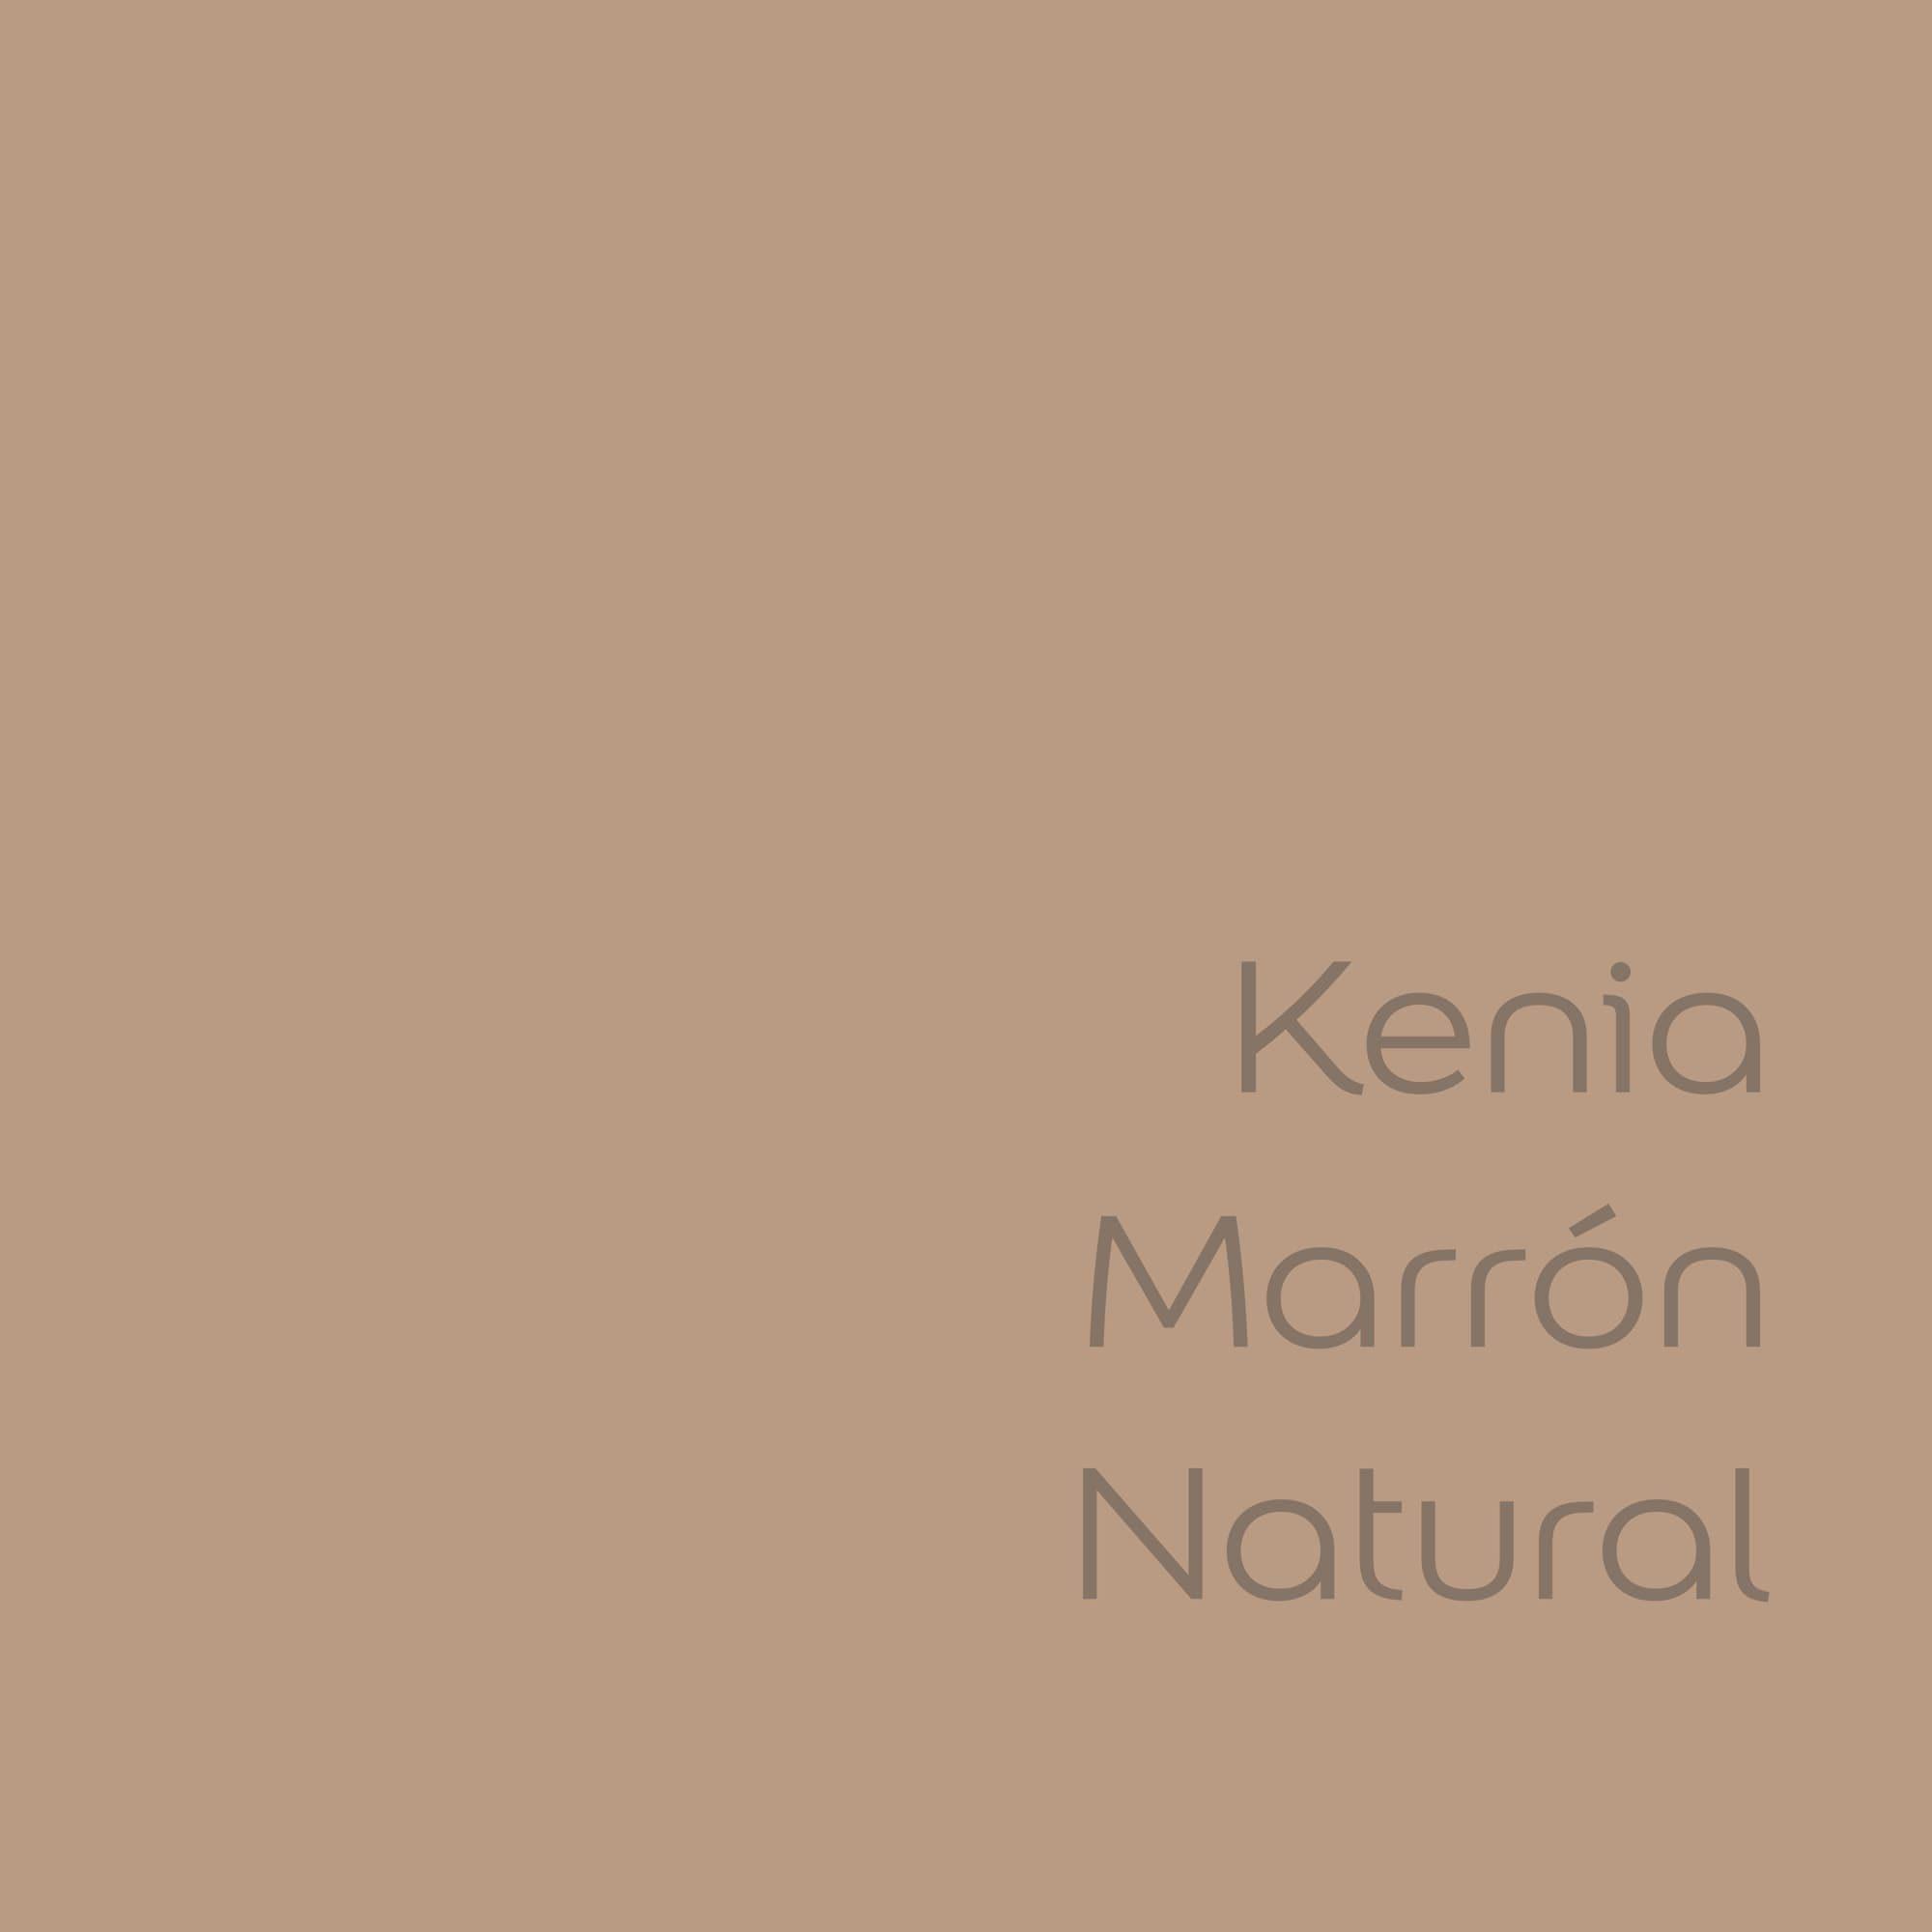 tester de color de pintura bruguer cdm kenia marron natural color